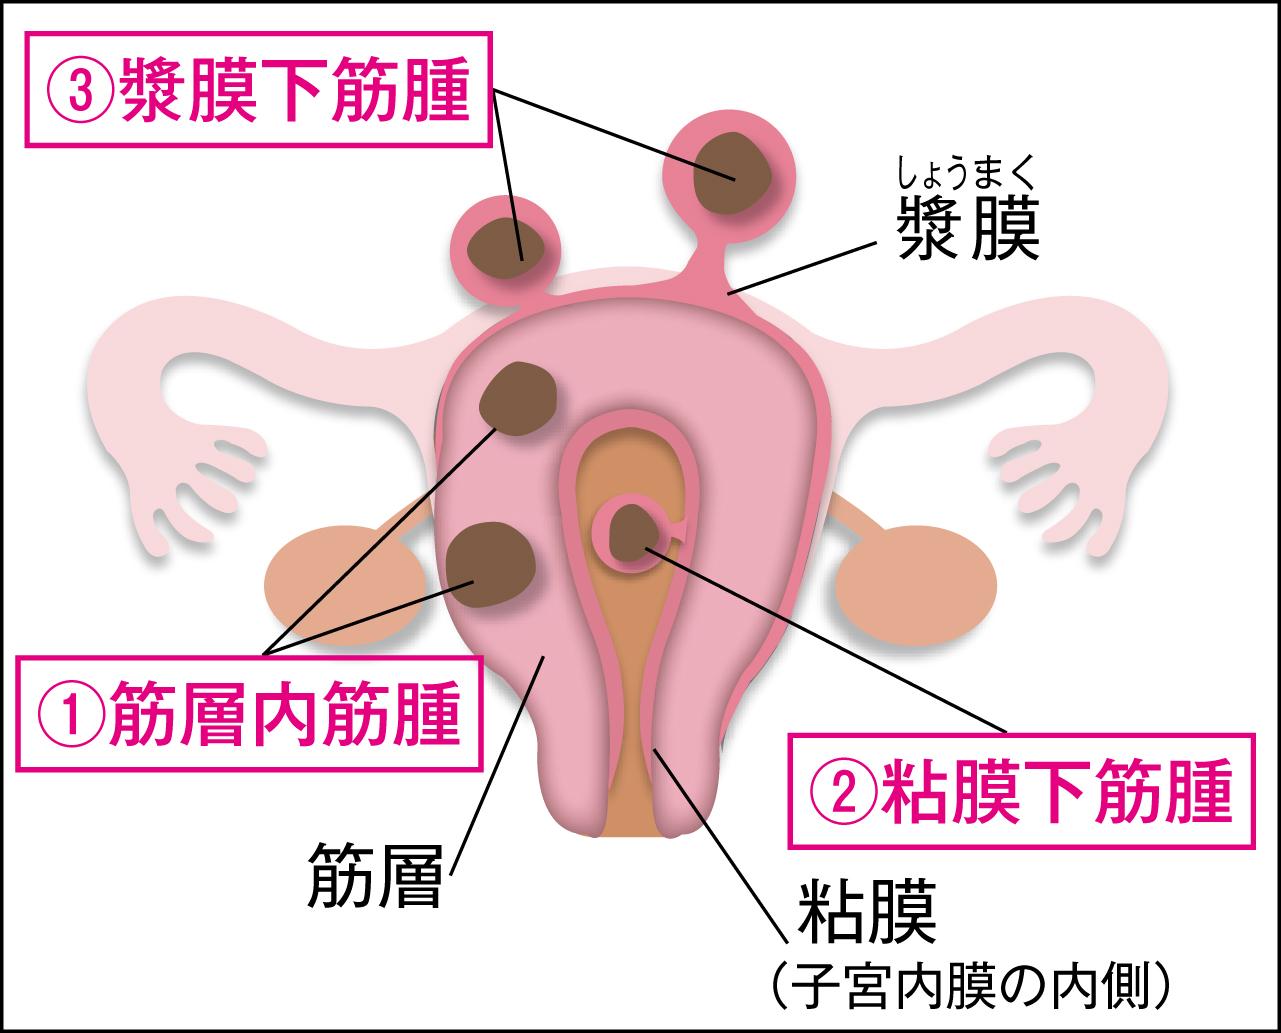 できる場所によって症状も違う子宮筋腫